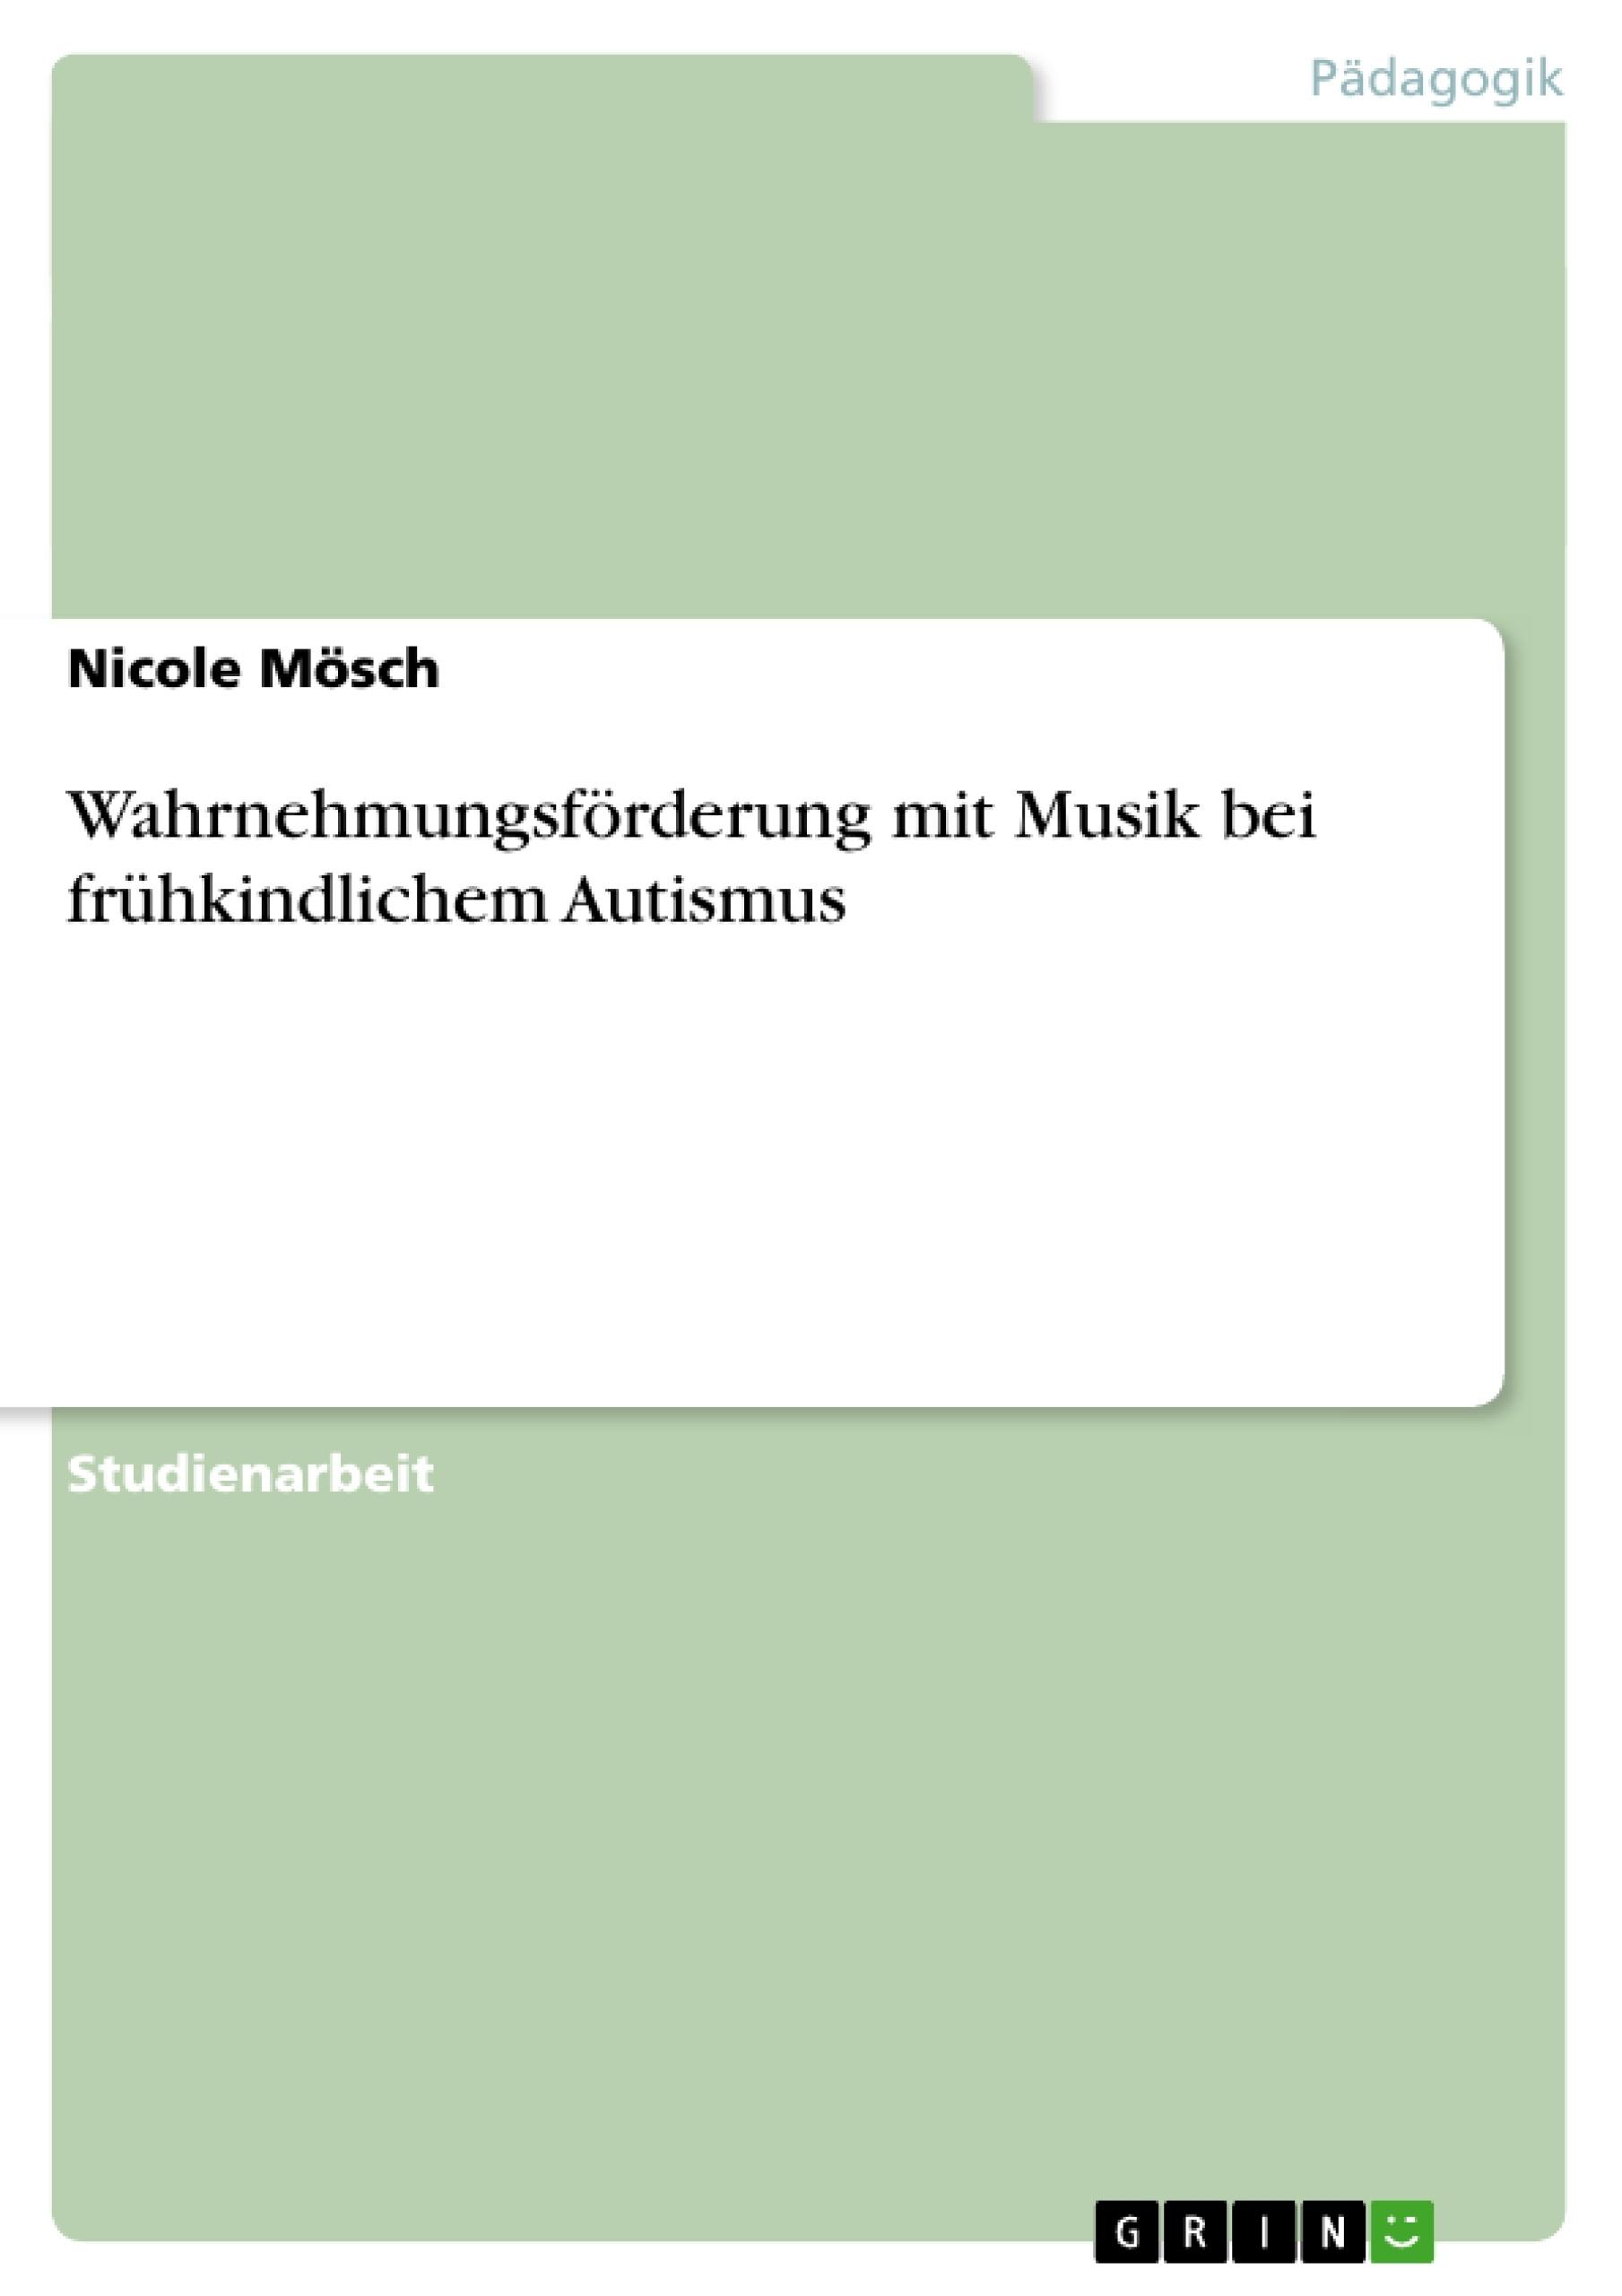 Titel: Wahrnehmungsförderung mit Musik bei frühkindlichem Autismus